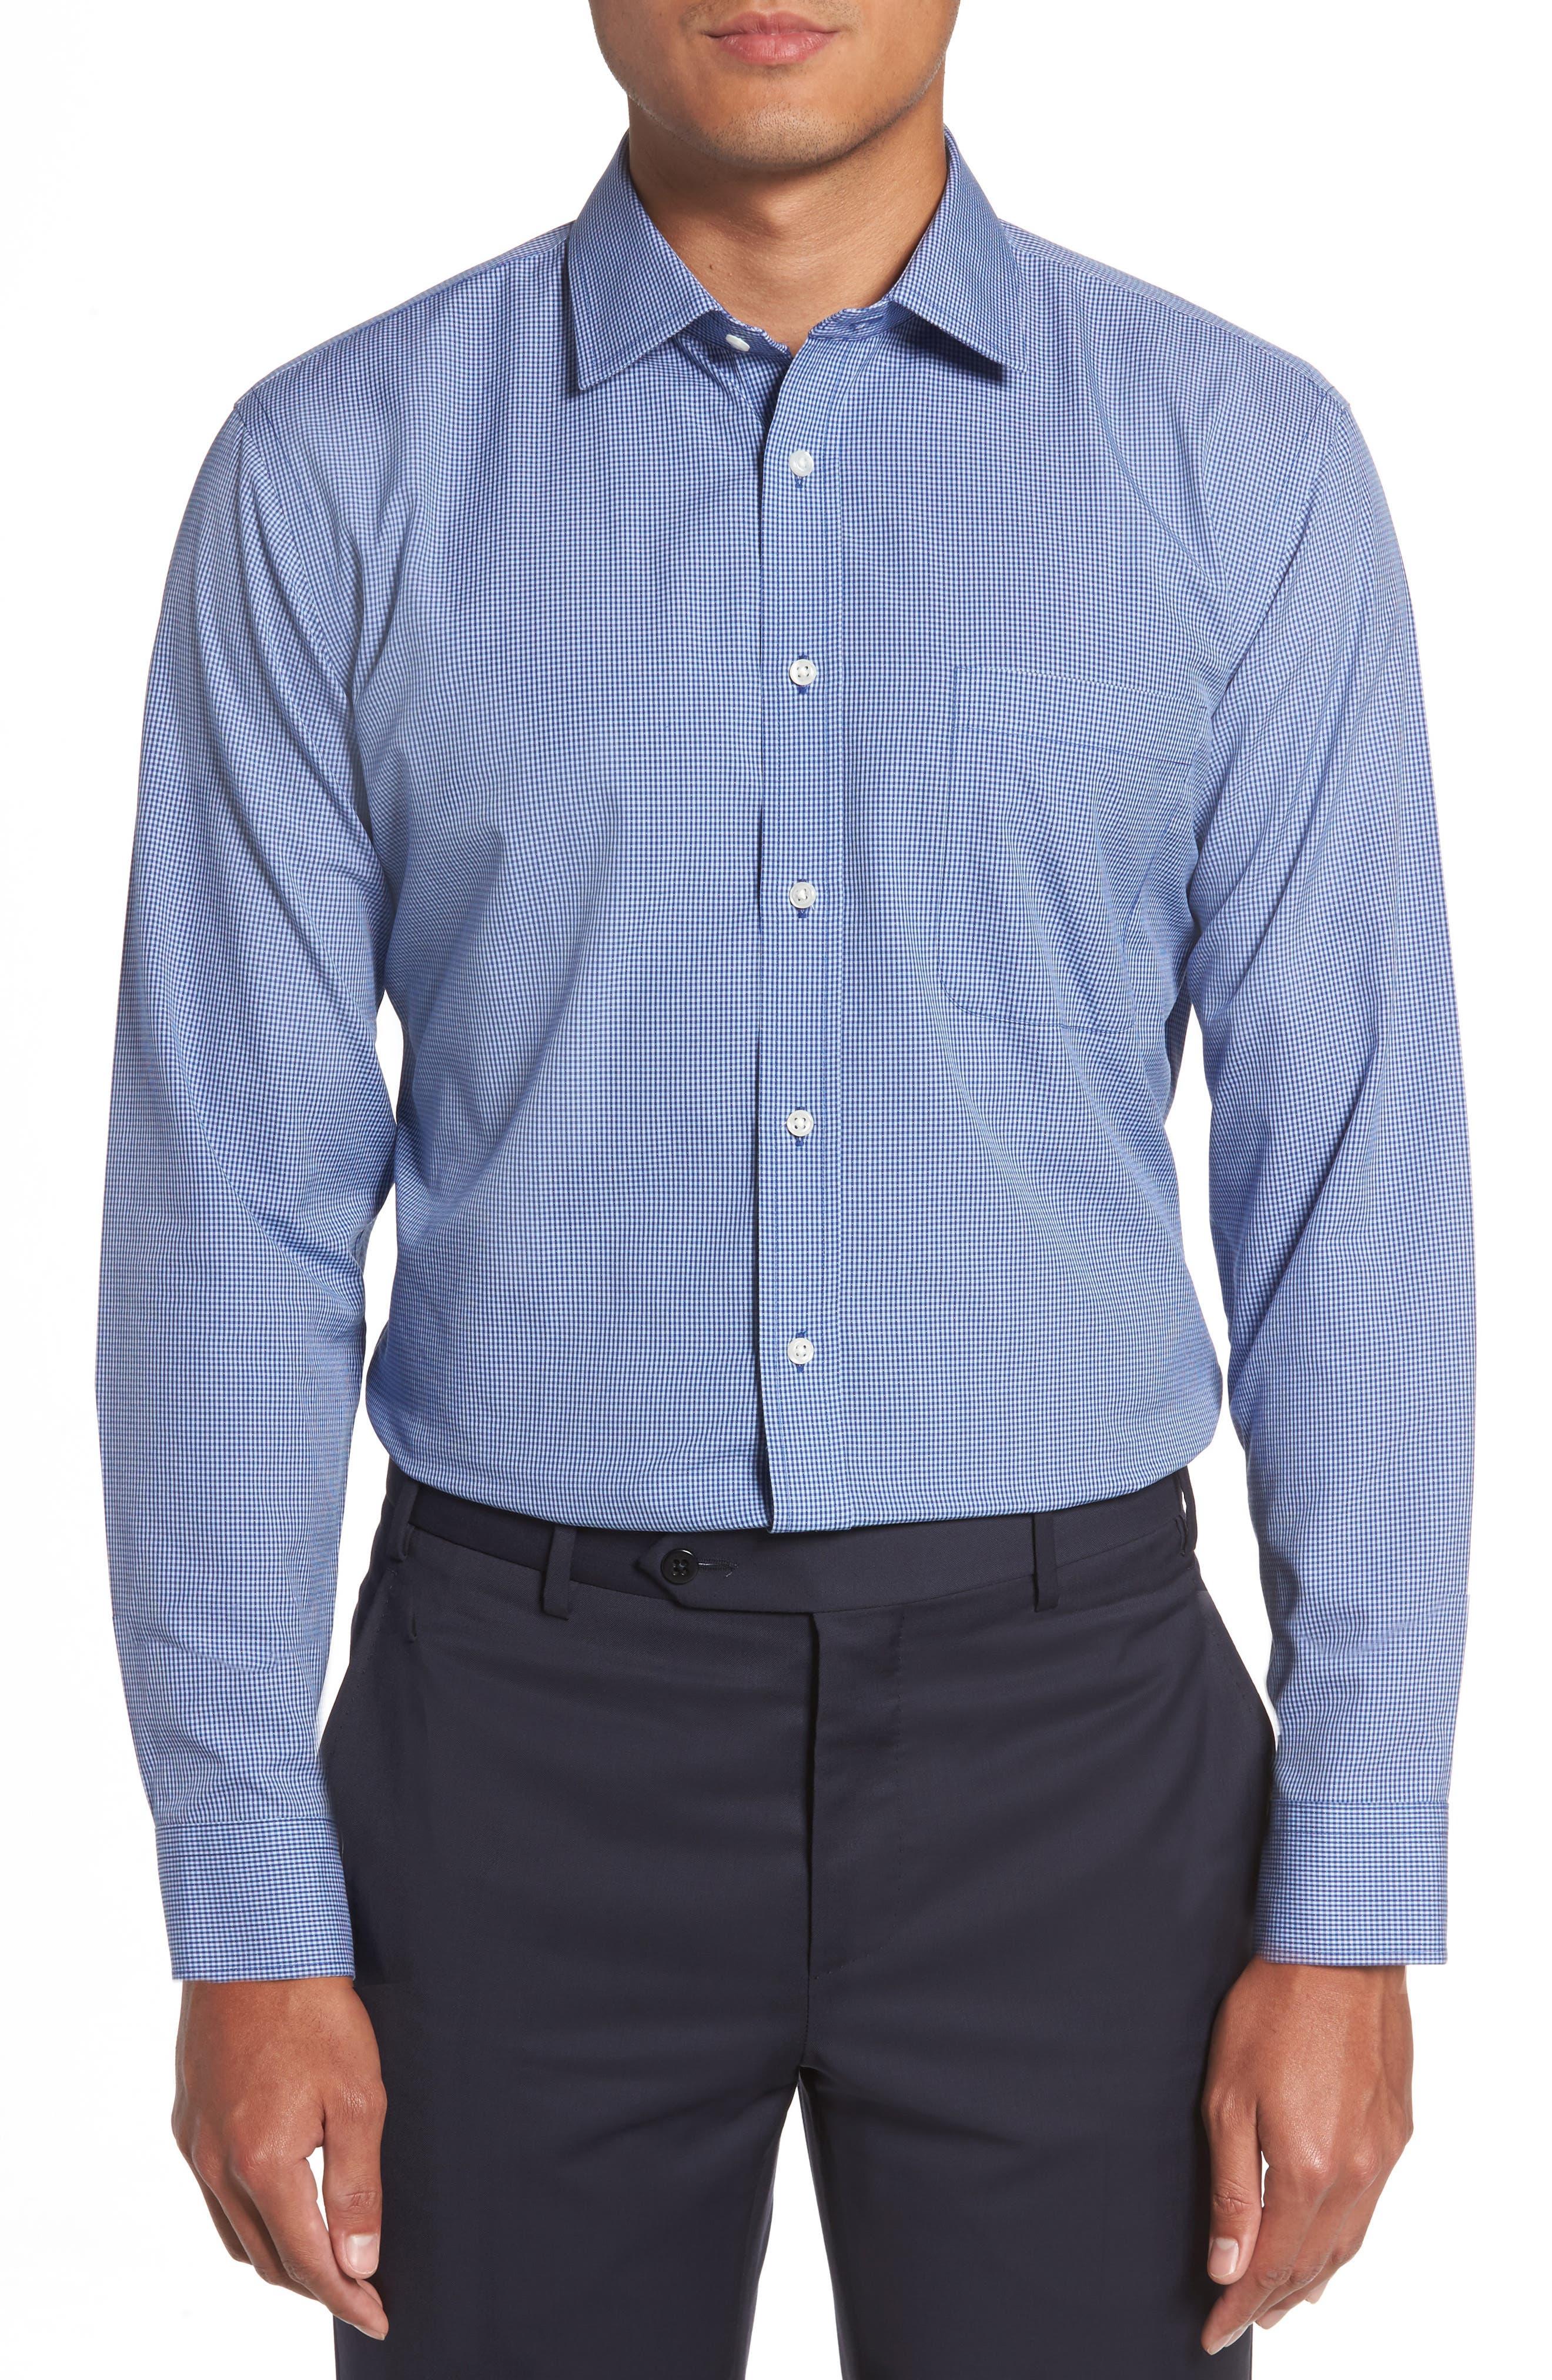 Smartcare<sup>™</sup> Trim Fit Check Dress Shirt,                             Main thumbnail 1, color,                             Blue Nautical